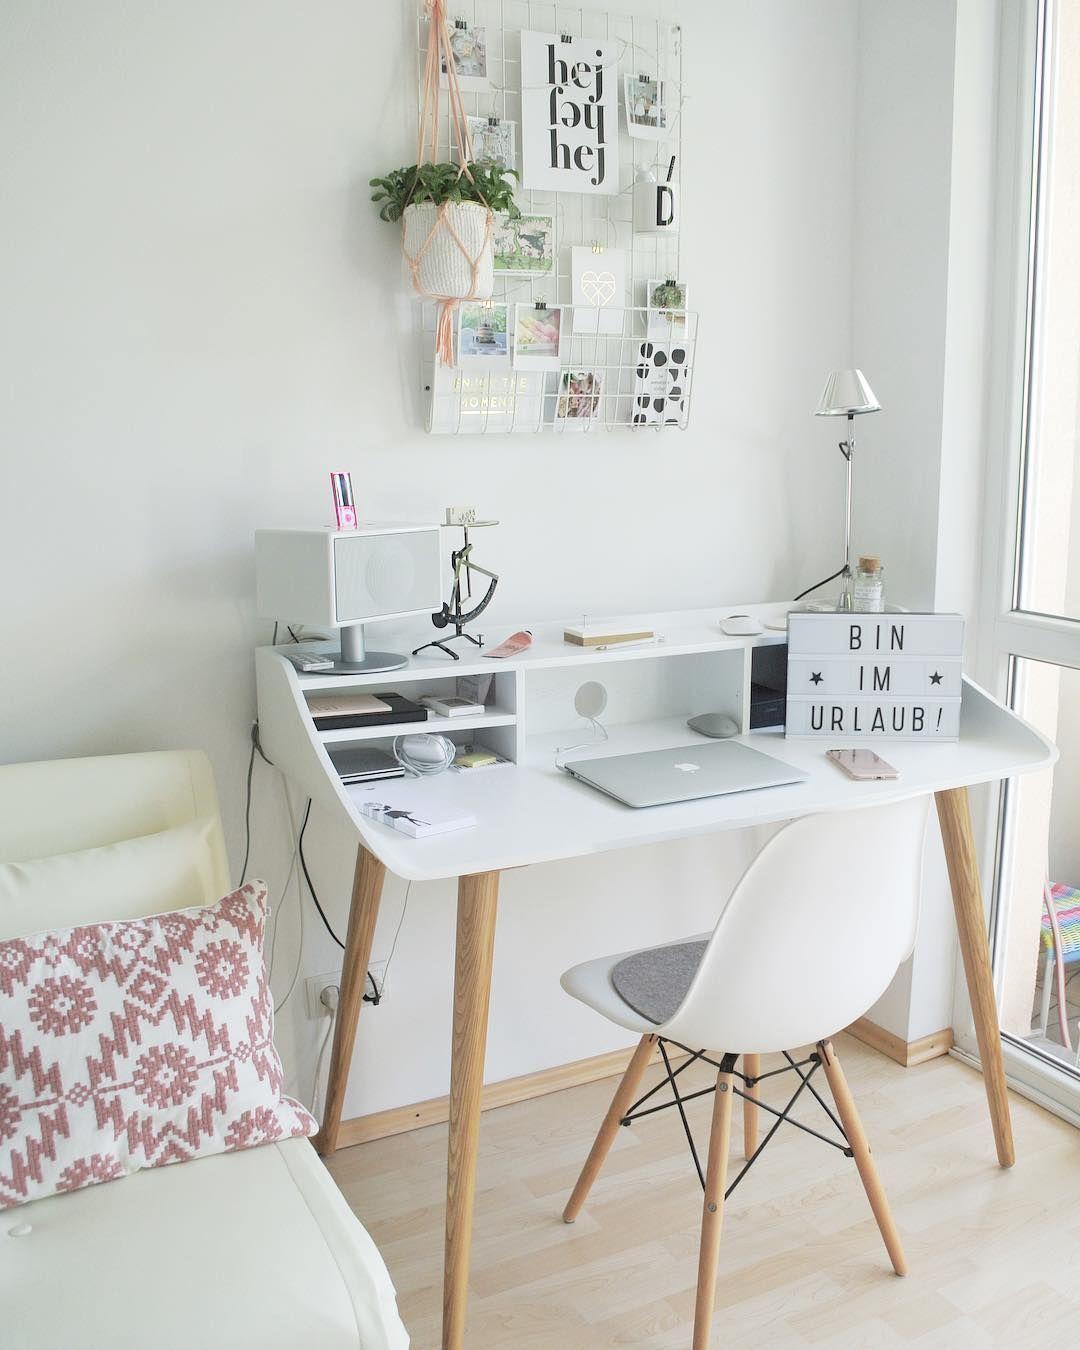 Homeoffice Furniture Design:  Homeoffice Mit Schreibtisch Im Scandistyle, B Ro Im